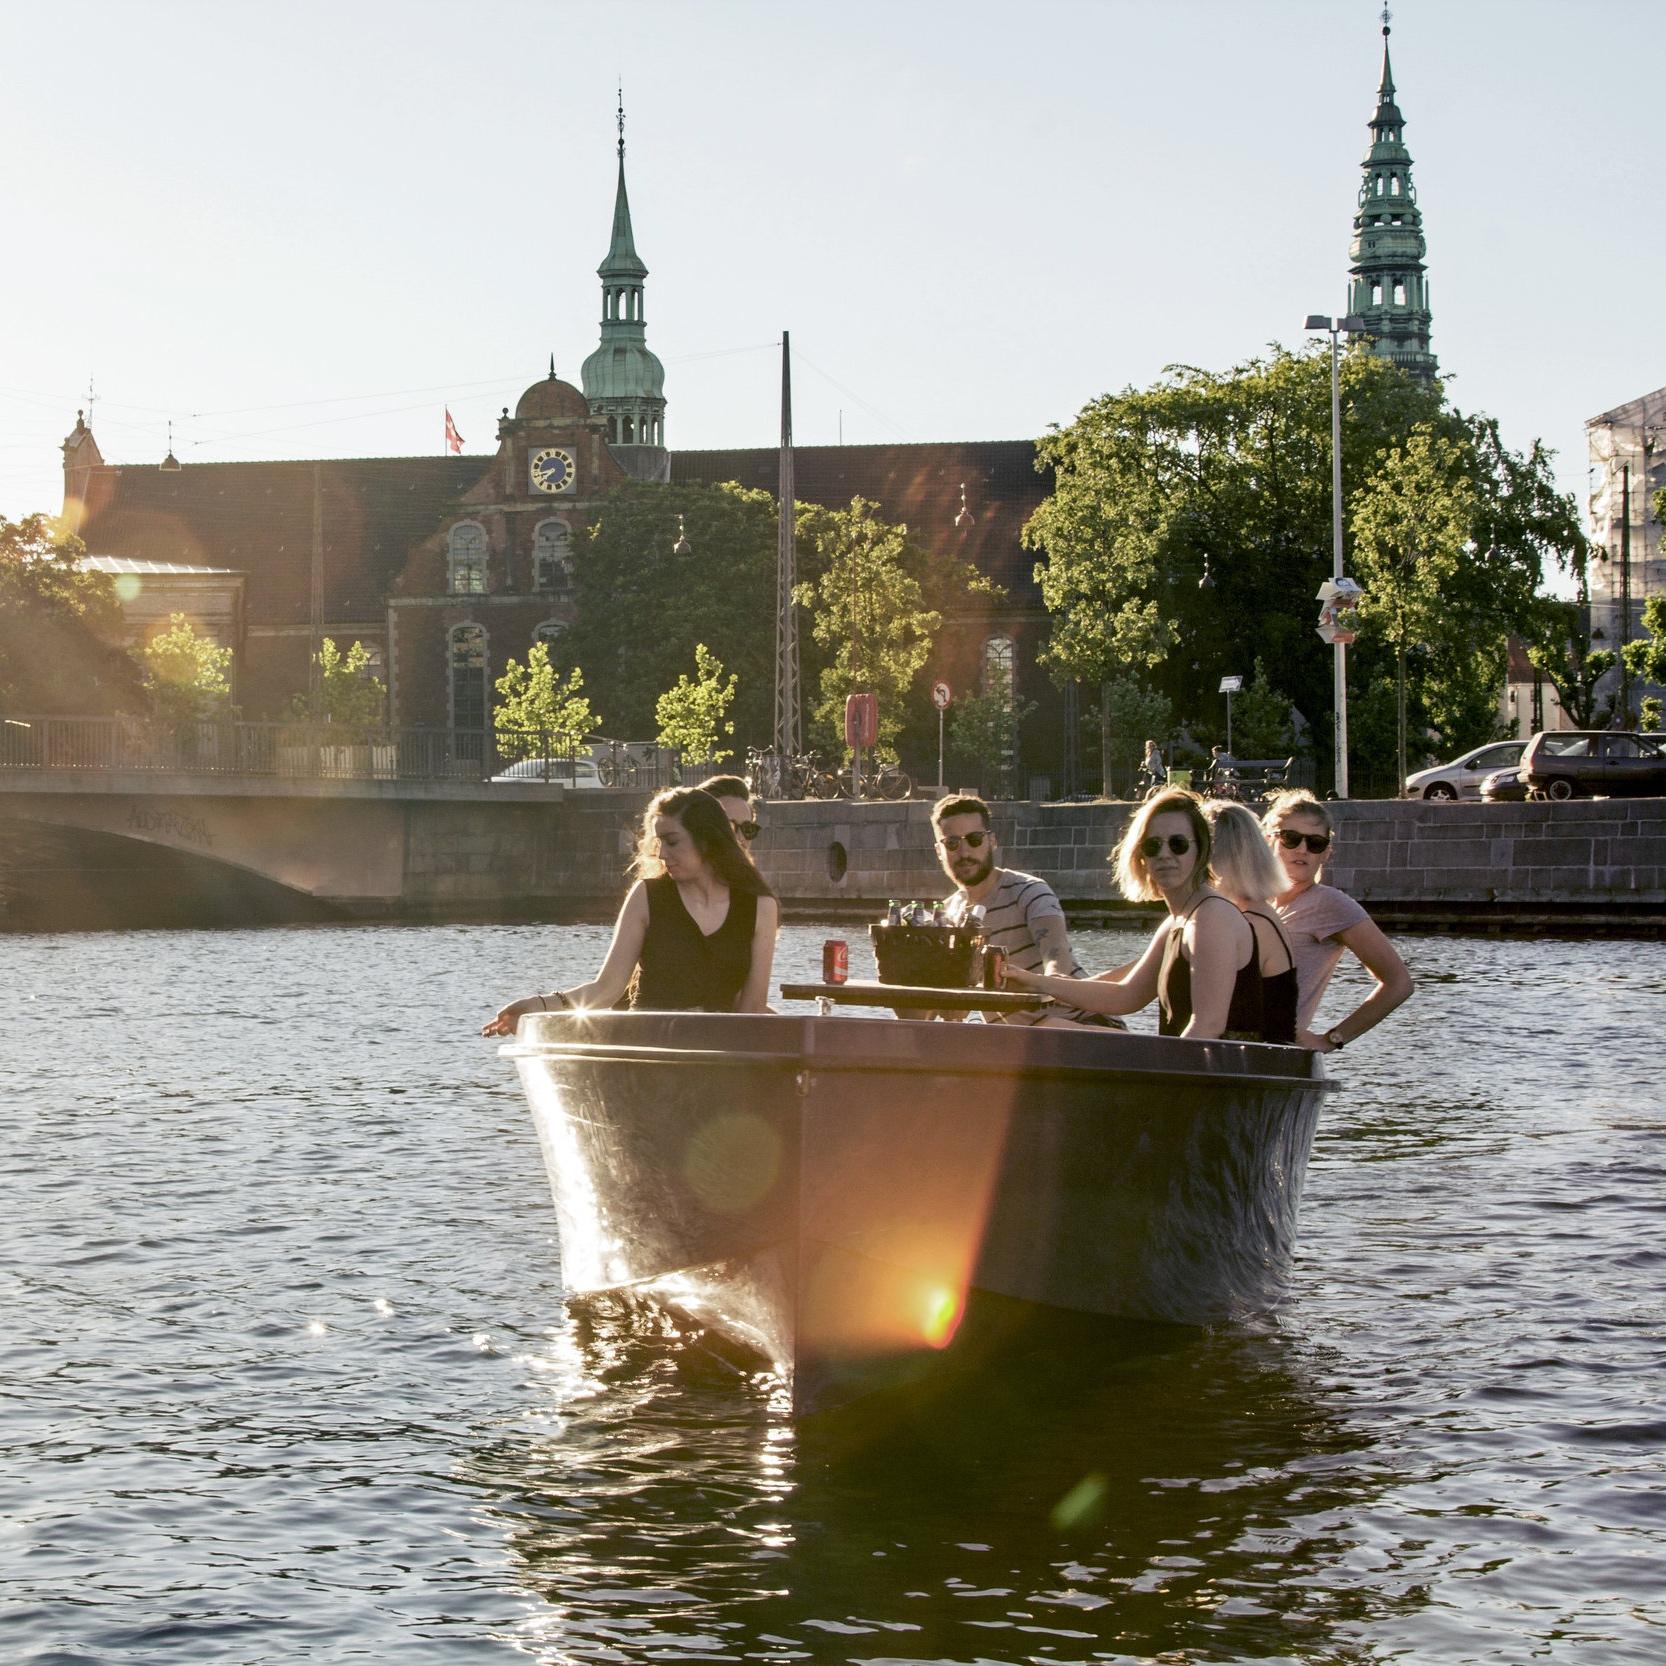 Hvor meget ved I egentlig om København og hovedstadens smukke kanaler? Vi har samlet alt det bedste i et smukt og veltilrettelagt GPS-løb på vandet. Inddelt i hold og udstyret med jeres egen private båd, har I til opgave at samarbejde om at løse de forskellige og sjove udfordringer i møder, når I navigere rundt i de smukke gamle kanaler. Sjov og hyggelig teambuilding konkurrence på vandet. -